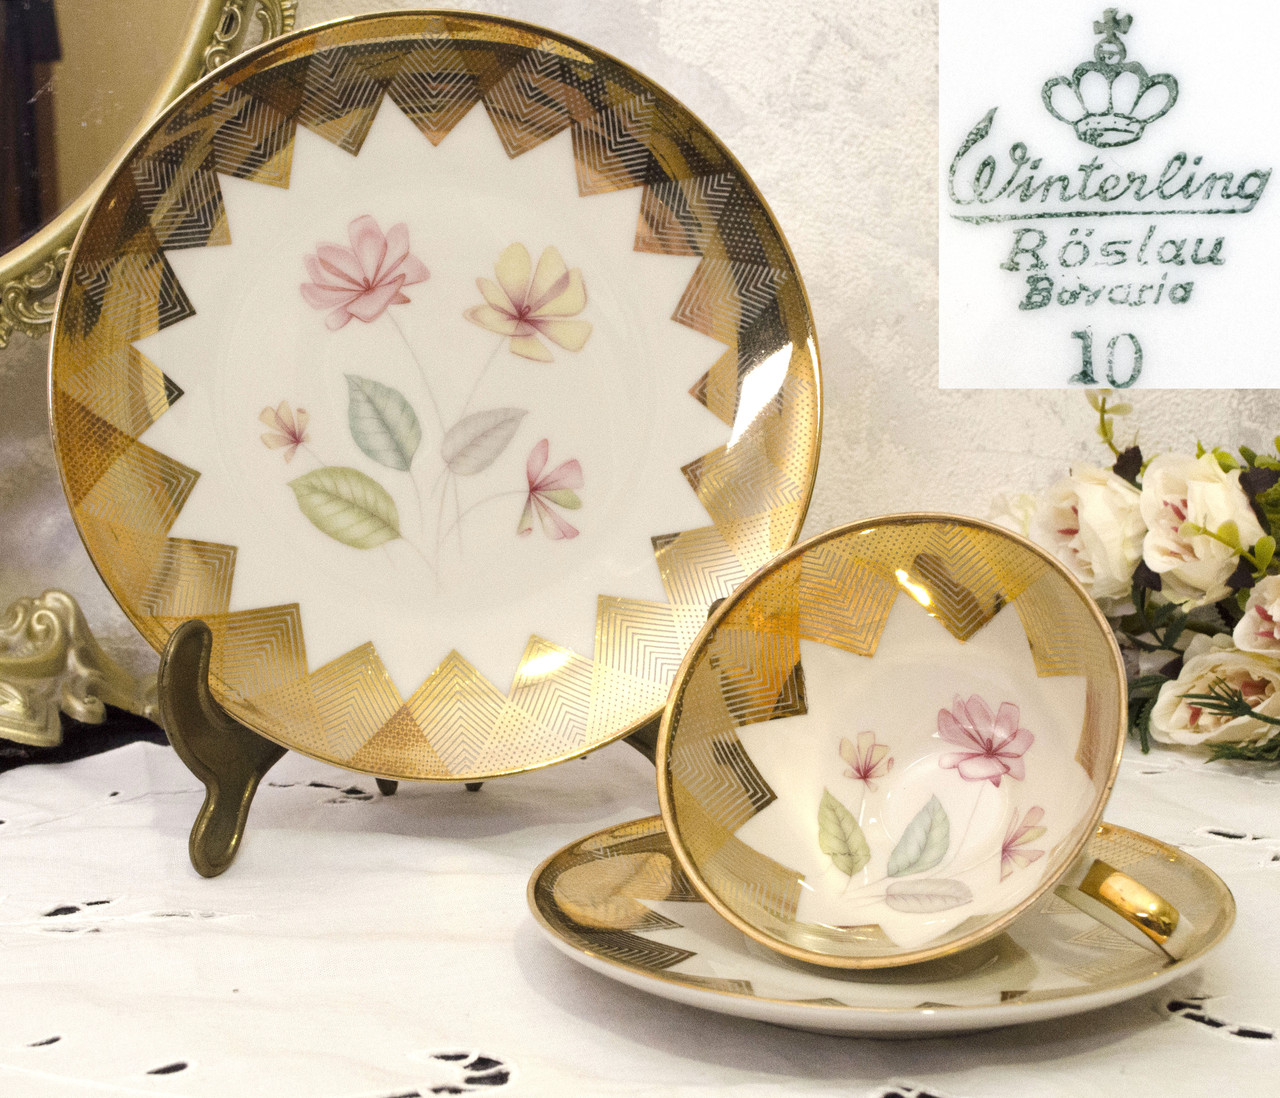 Винтажная фарфоровая чайная тройка, чашка, блюдце, тарелка, Winterling Roslau, Германия, фарфор, скол